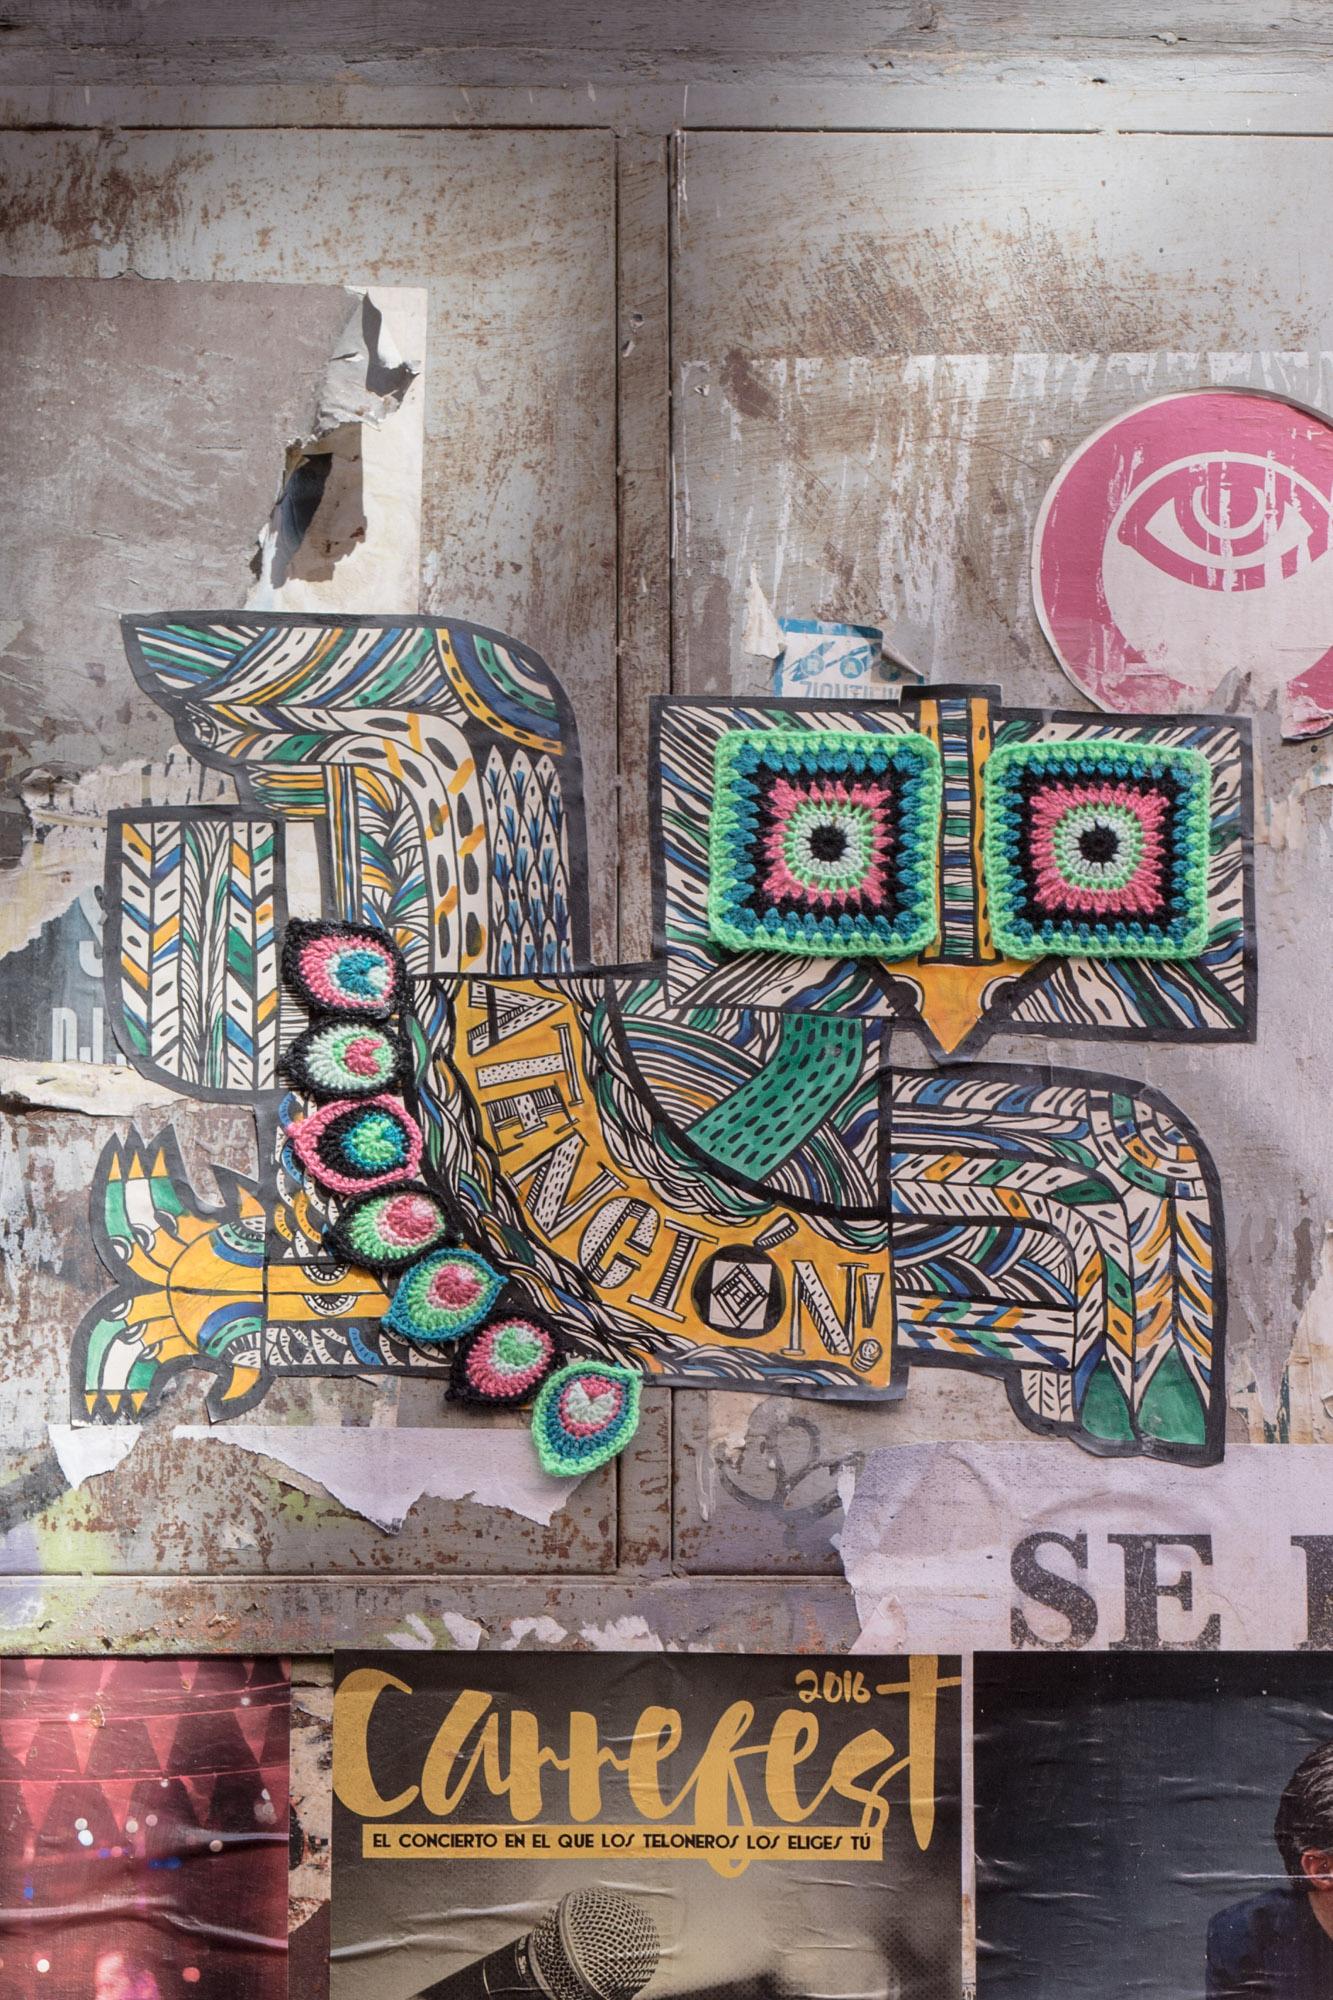 tejelaarana-salitre-0004-2 copia